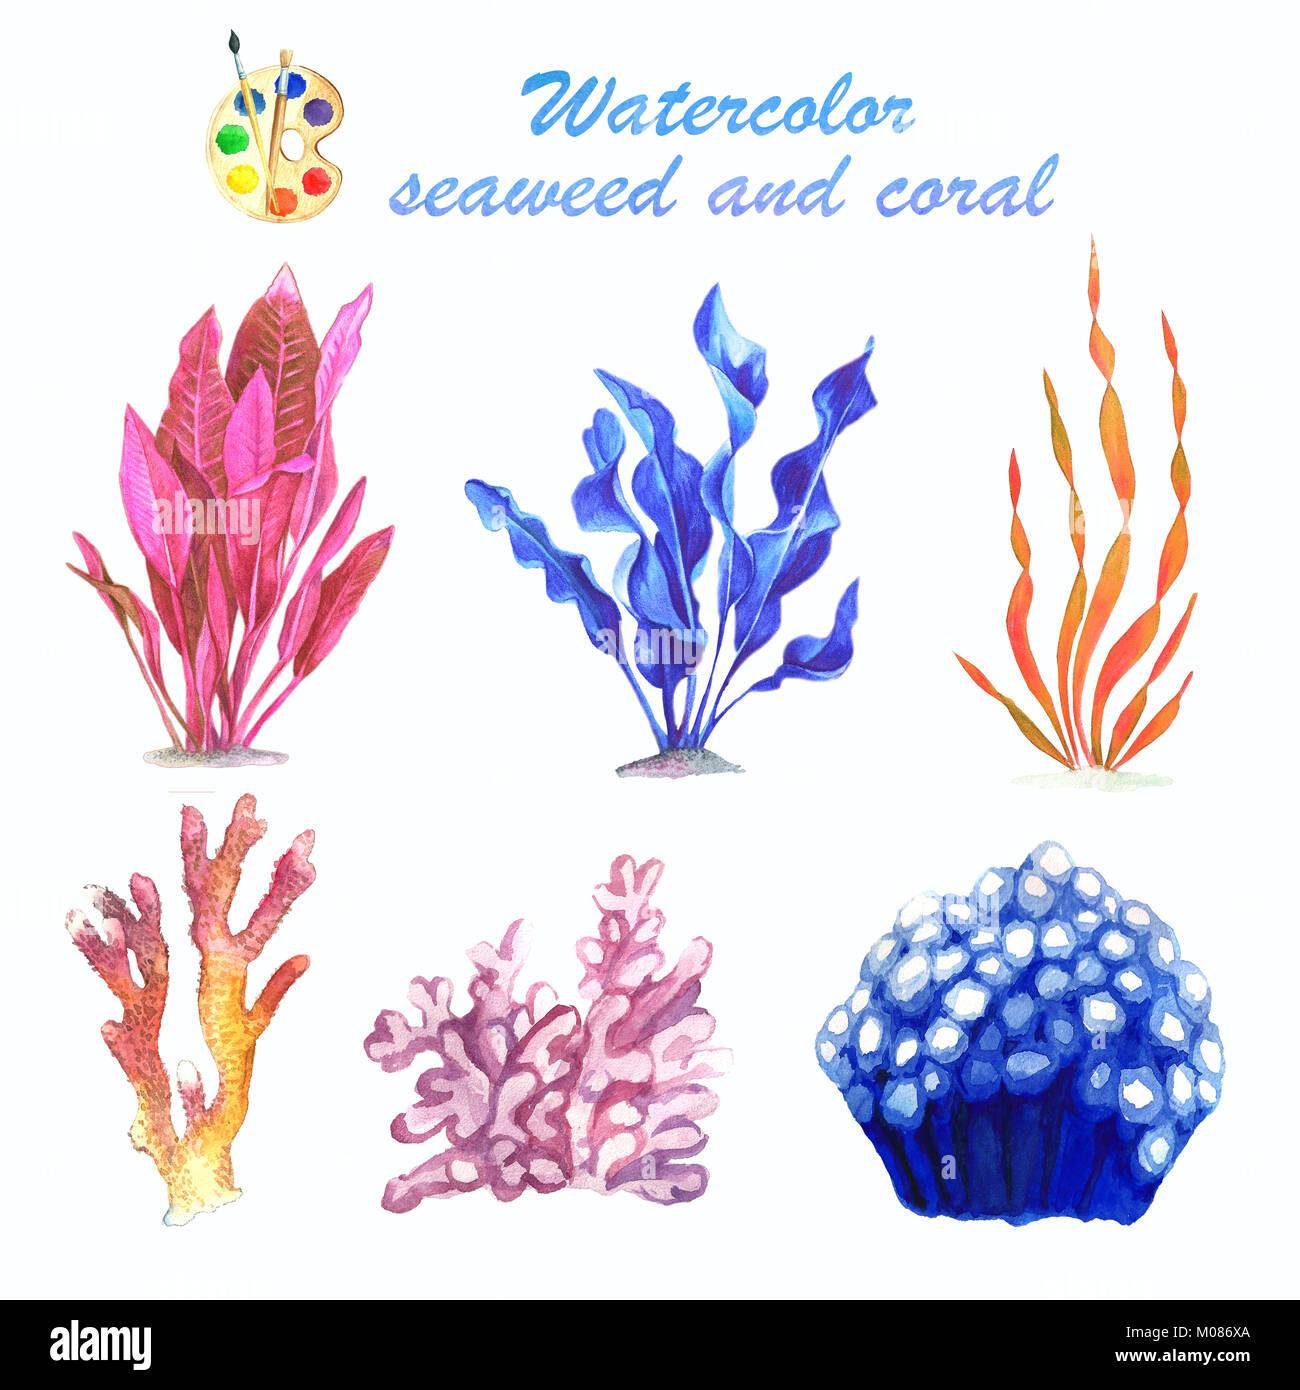 Una Serie Di Acquerelli Di Immagini Di Alghe Coralline E Su Uno